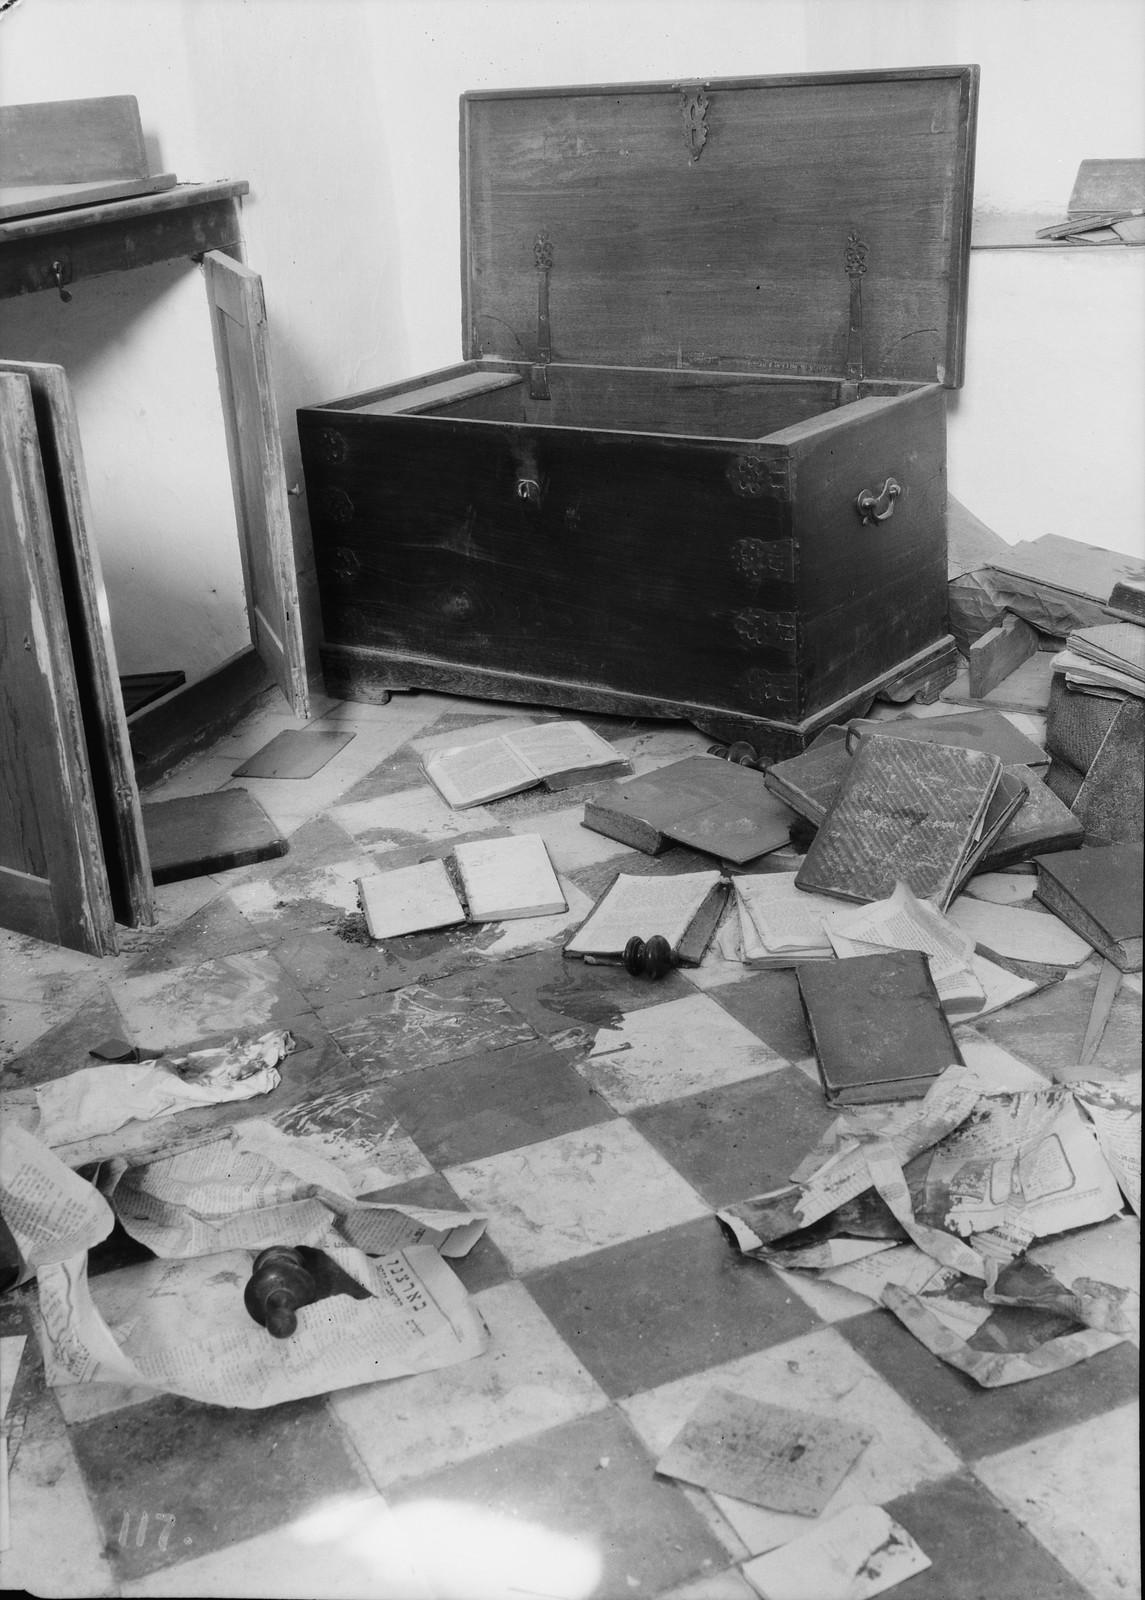 04. 23–31 августа. Хеврон. Еврейский дом, разгромленный арабскими погромщиками.  Окровавленный пол, заваленный книгами